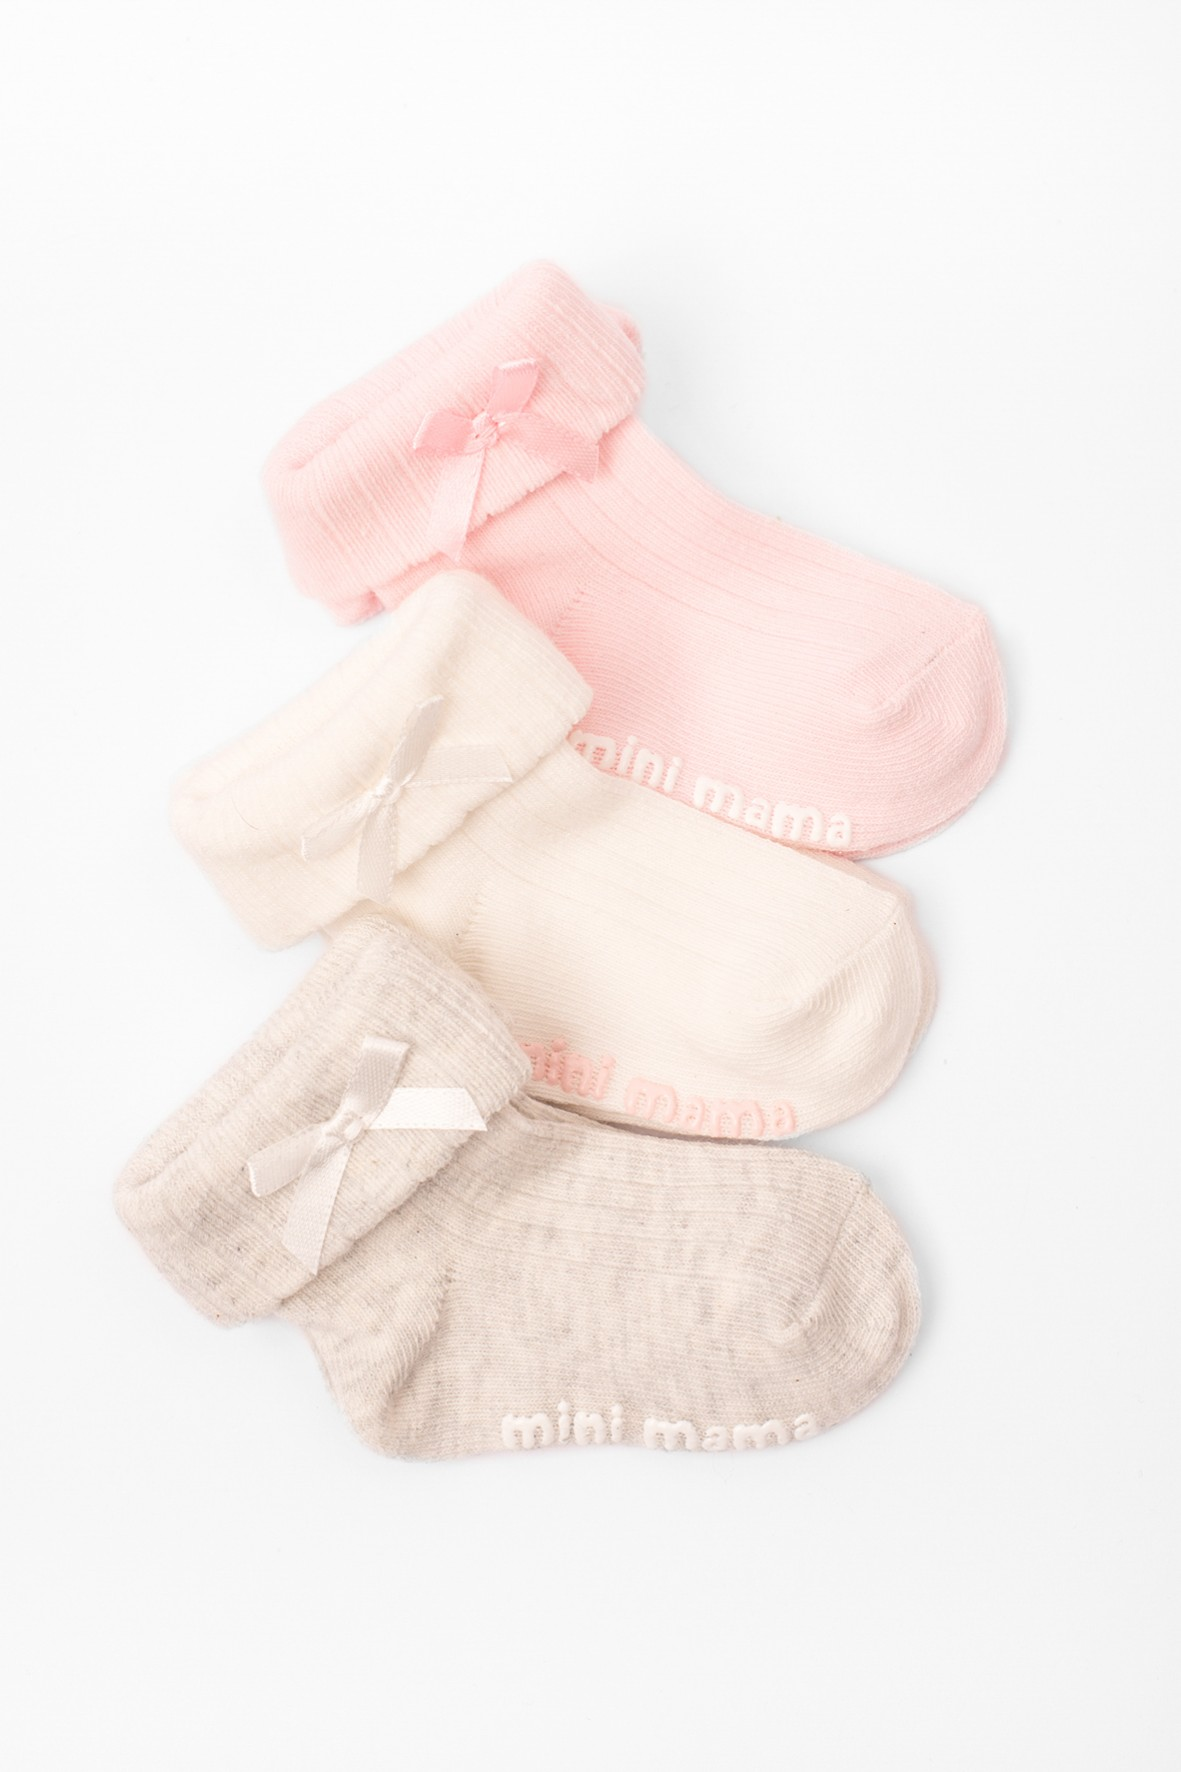 Skarpety niemowlęce Mini mama  3-pak